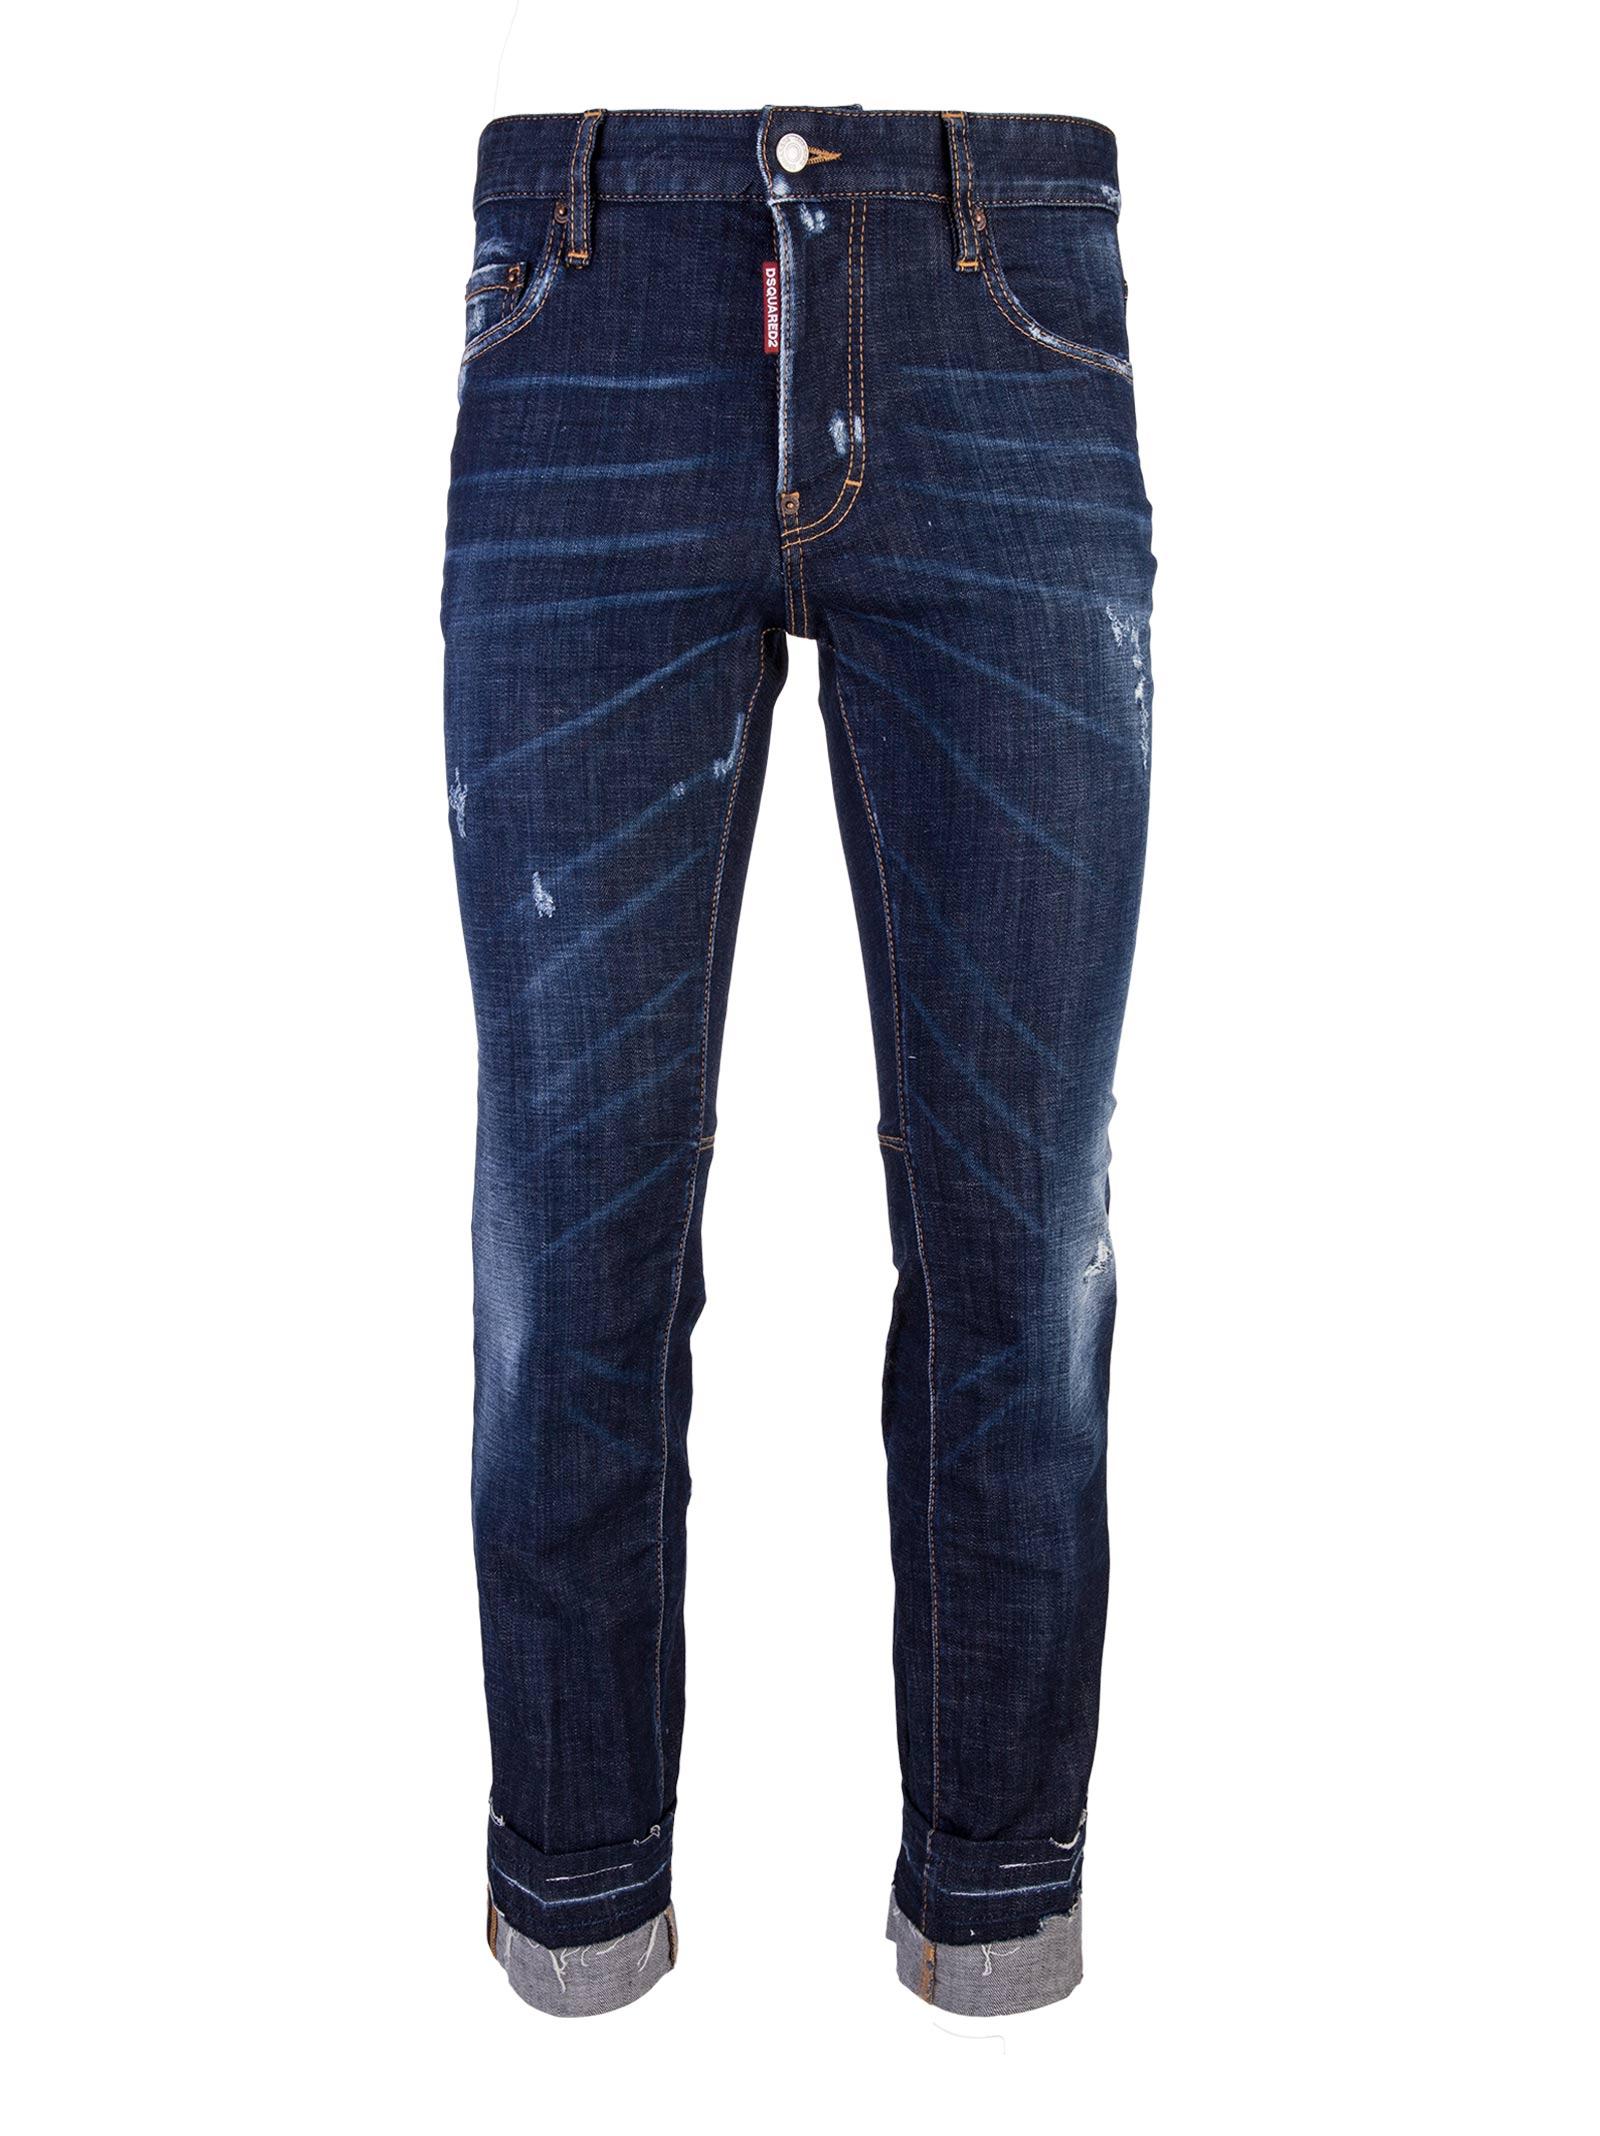 Dsquared2 jeans - Dsquared2 - Michele Franzese Moda a3f40245e502